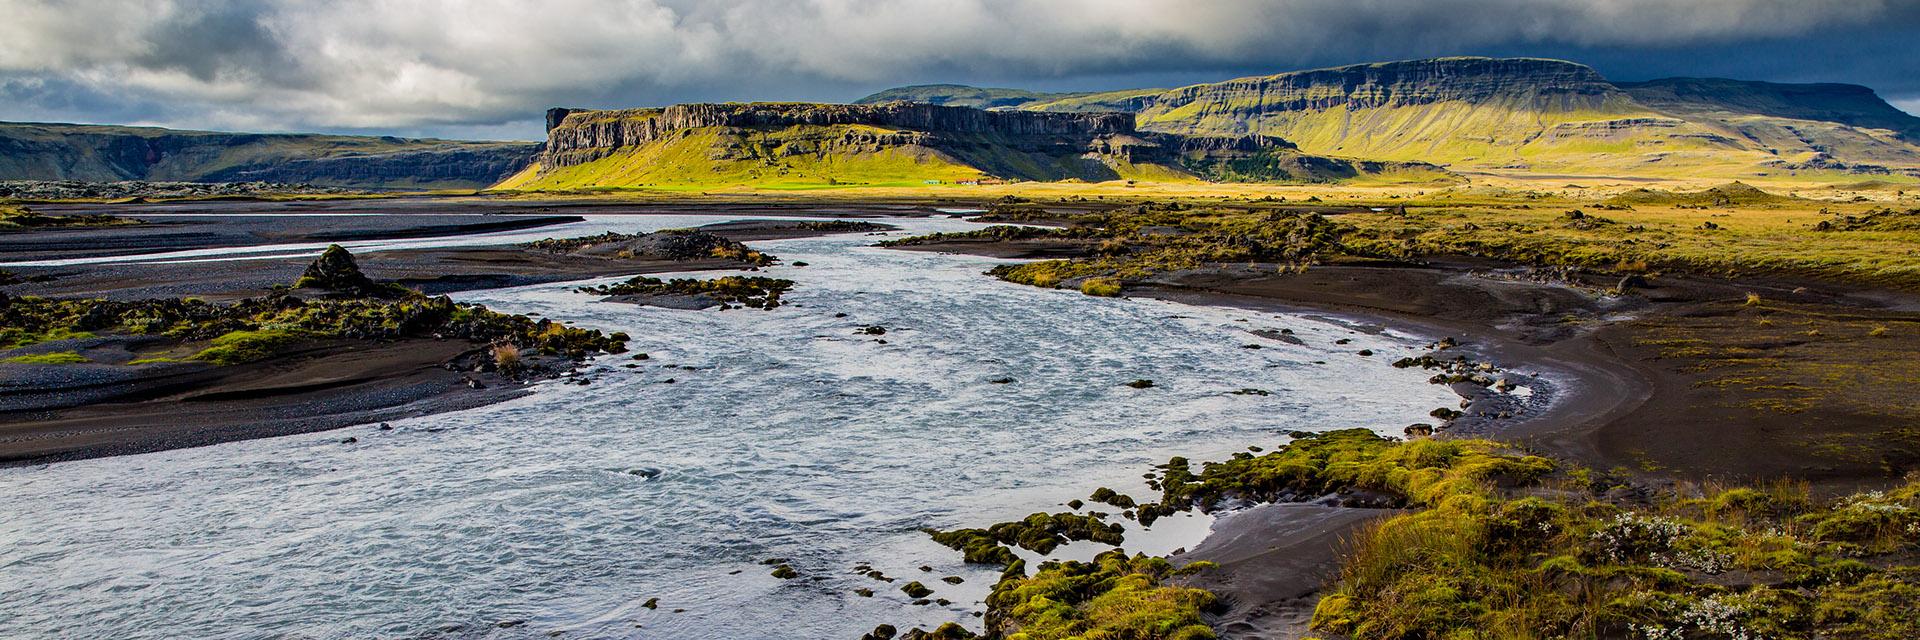 Iceland Landscape 2016 by Roman Nöstler